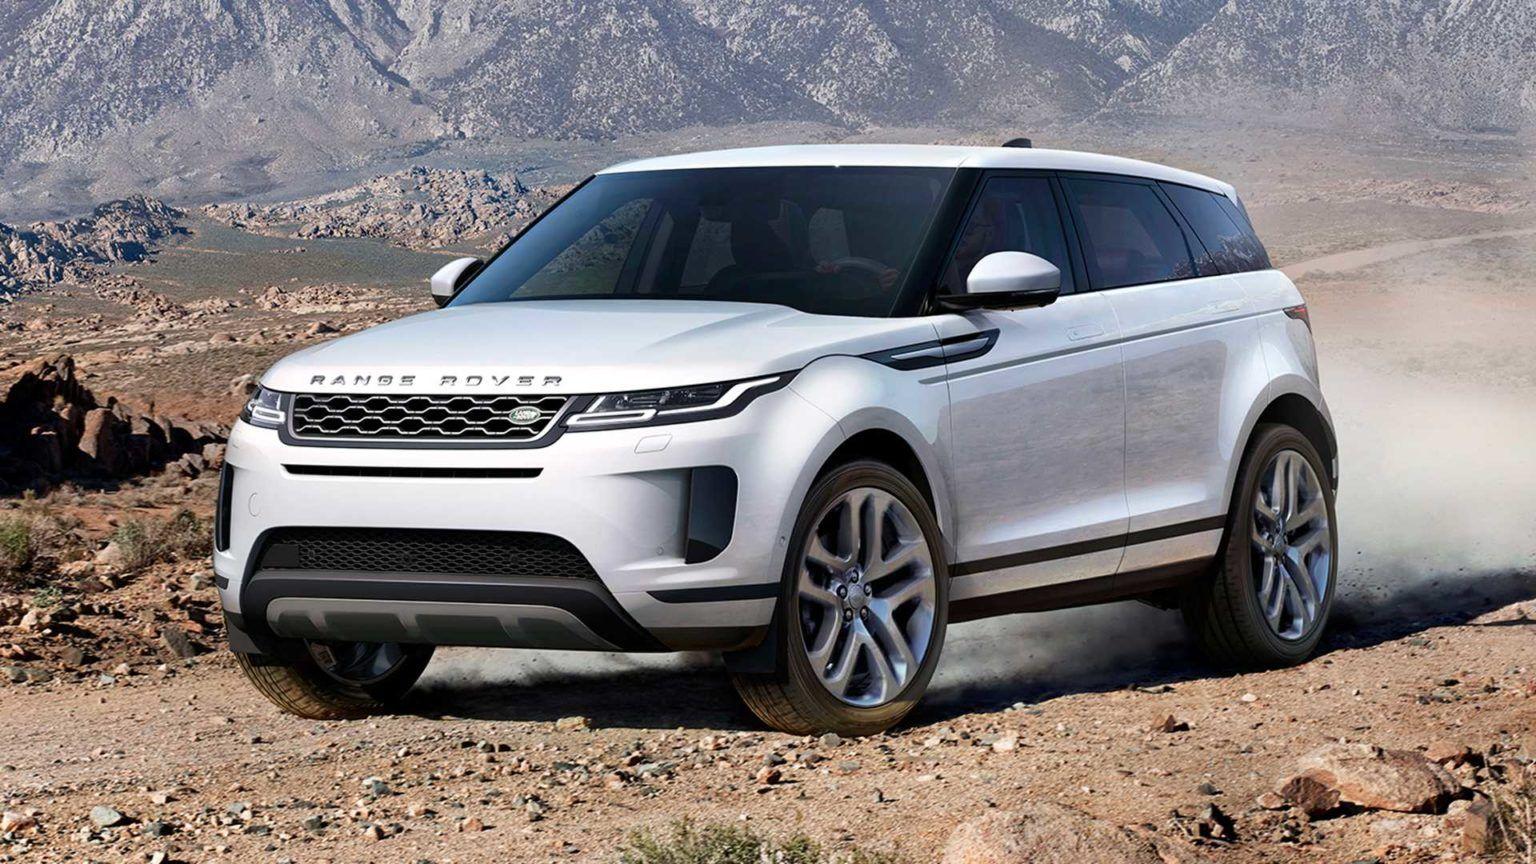 20 Best Large Hybrid SUVs for 2020 in 2020 Range rover